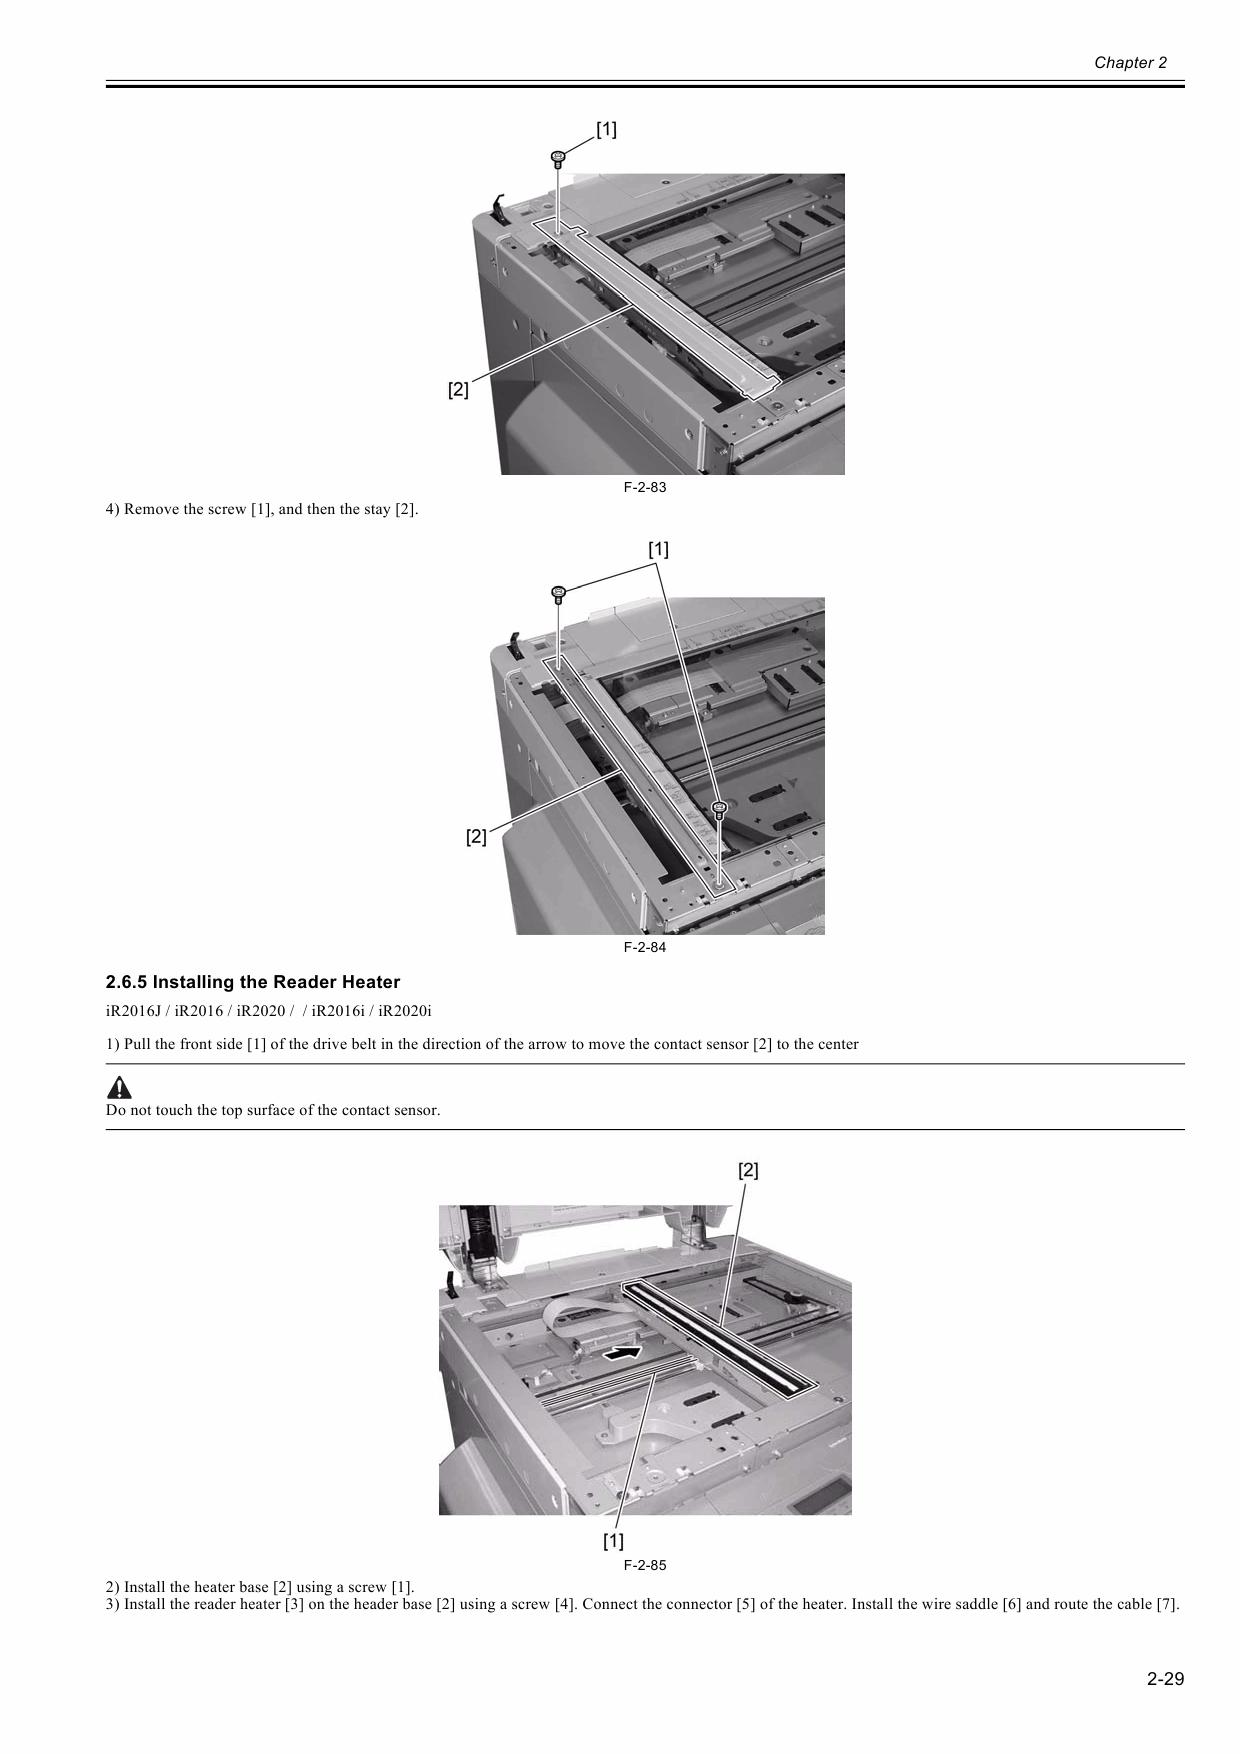 Canon imageRUNNER-iR 2020 2016 J Service Manual-3